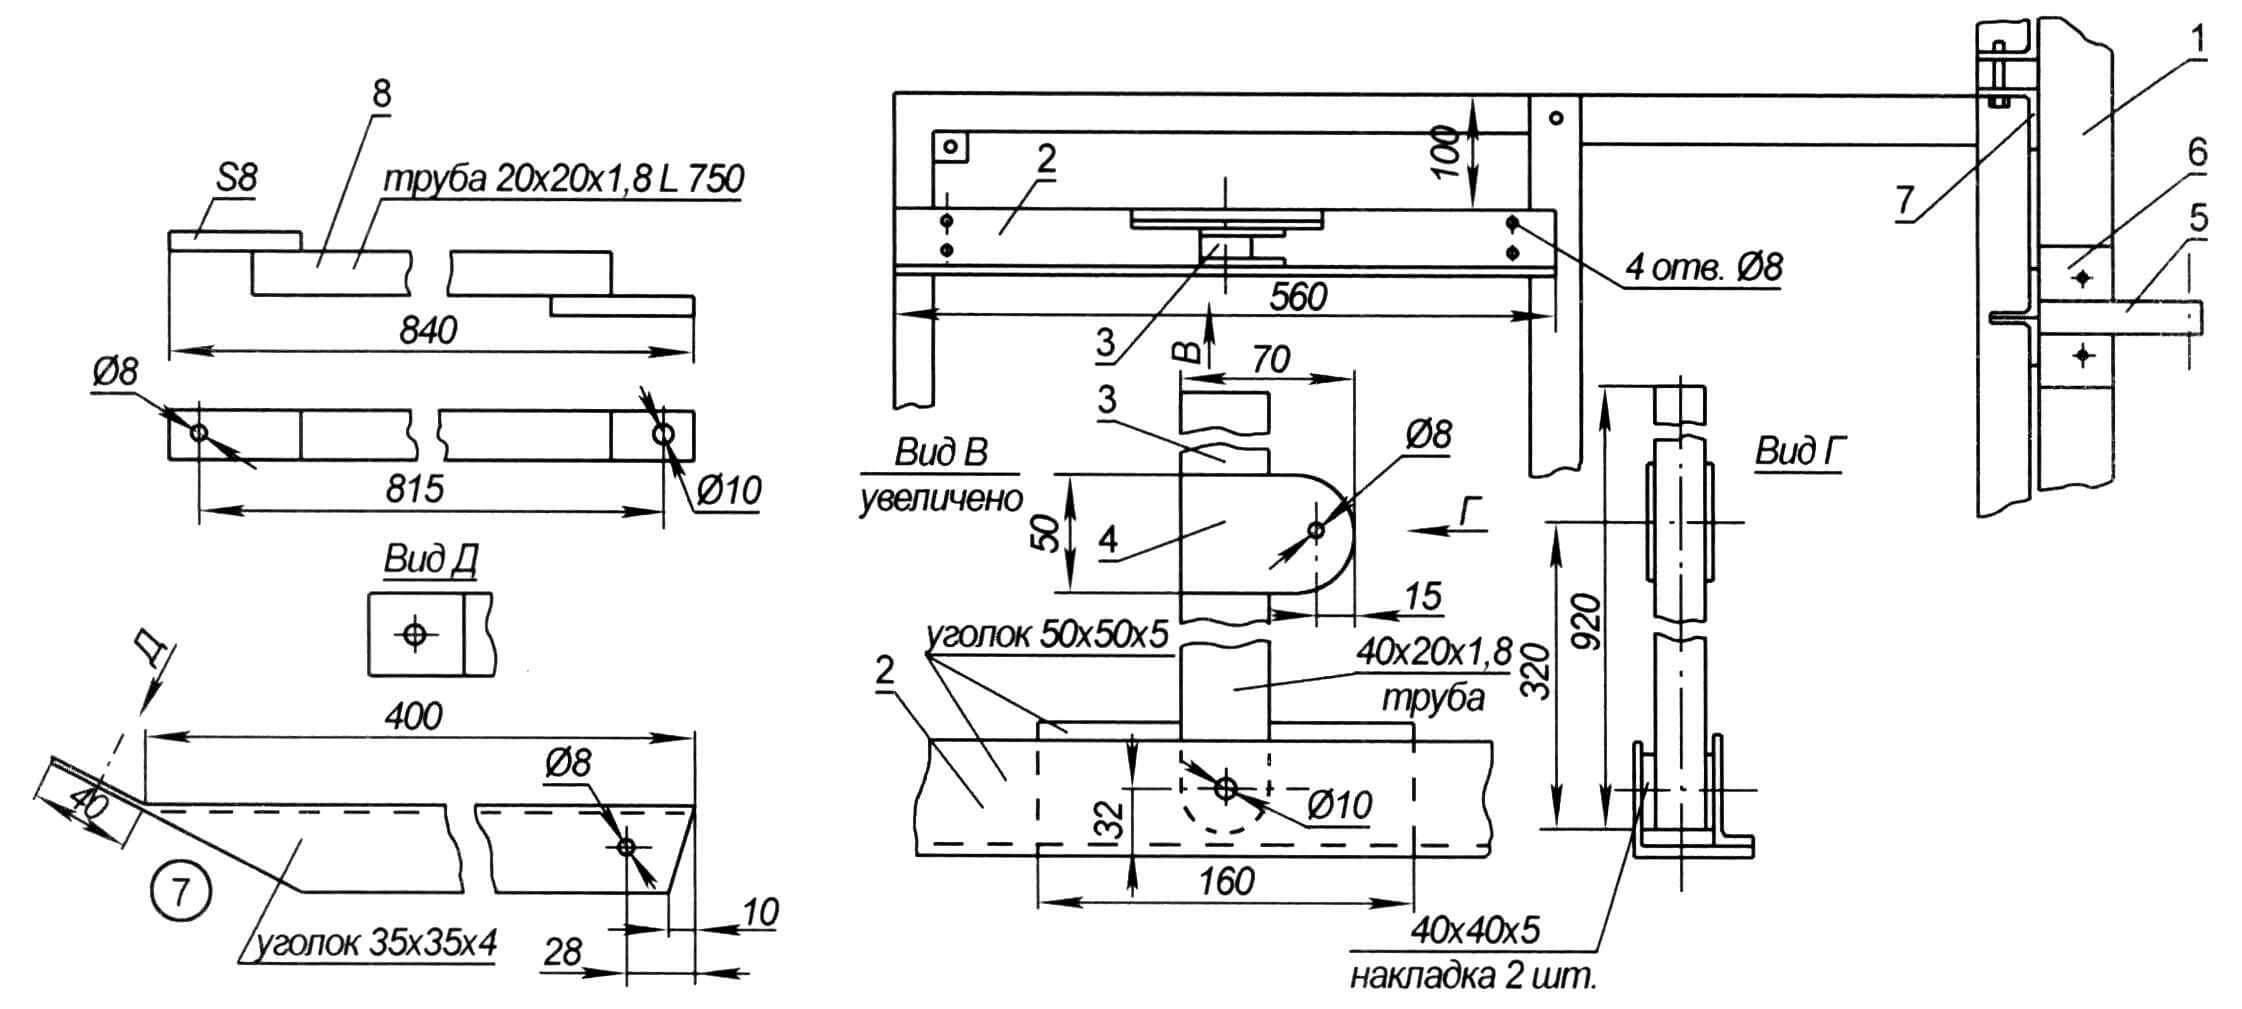 Привод граблей: 1 - иглодержатель; 2 - кронштейн рычага; 3 - рычаг подъема граблей; 4 - узел крепления тяги; 5 - рычаг иглодержателя; 6 - кронштейн рычага; 7 - кронштейн иглодержателя; 8 - тяга привода иглодержателя